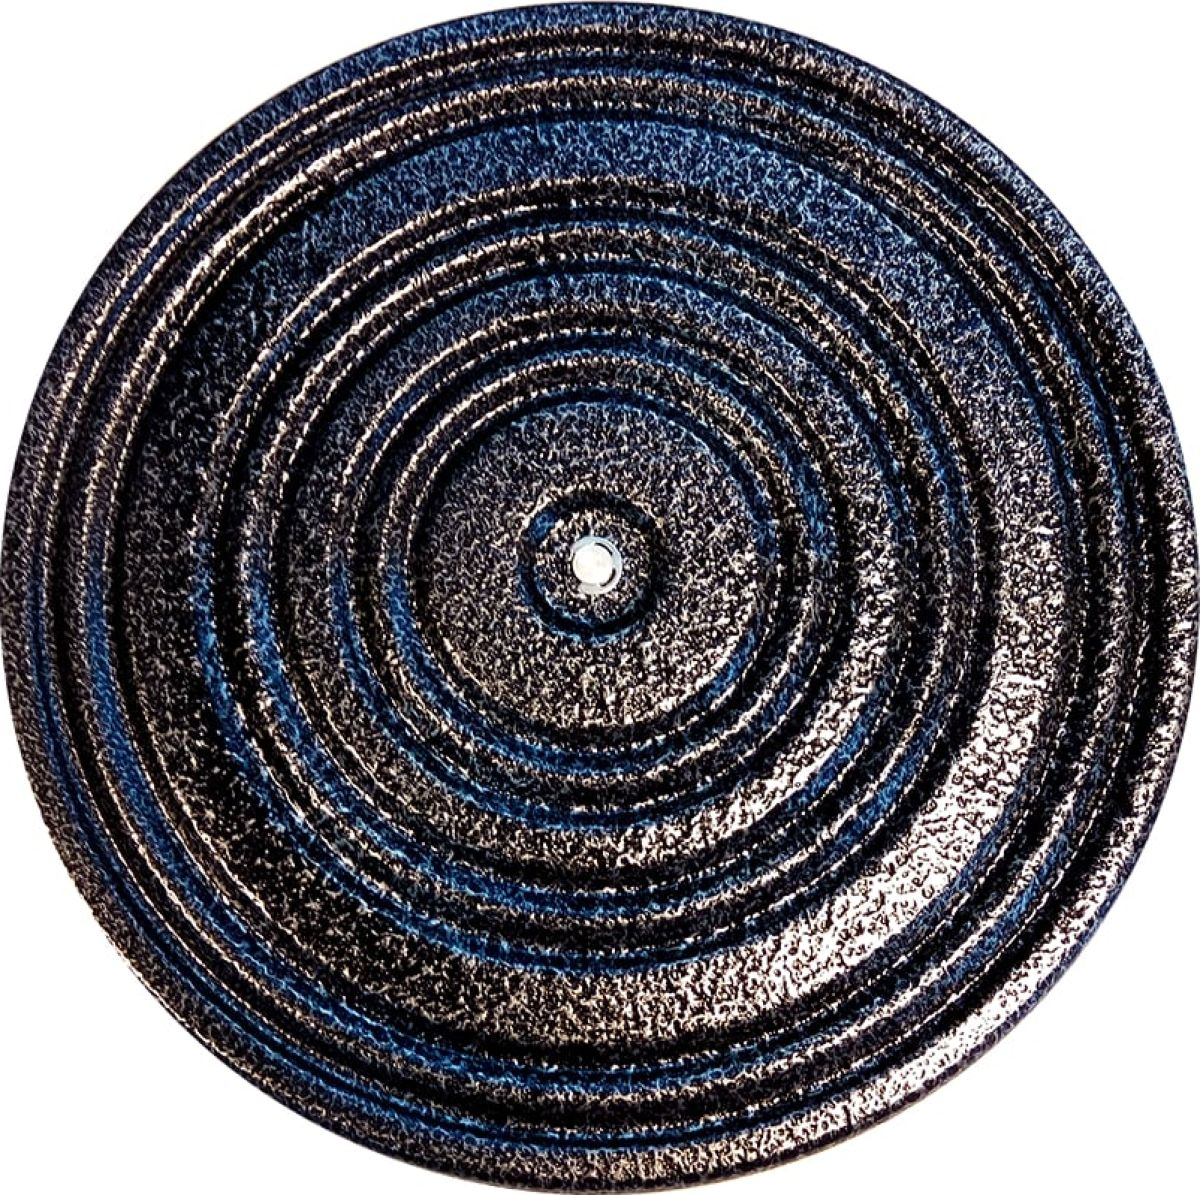 Диск здоровья Starfit FA-205, металлический, диаметр 30 смУТ-00012227Диск здоровья Stafit FA-205, металлический - один из самых простых и доступных тренажеров для талии, на нем можно заниматься людям всех возрастов и комплекций. Нагрузка на диске определяется самостоятельно. Эффективно использовать тренажер перед занятиями с обручем, диск разогревает мышцы. Можно использовать его и как самостоятельный тренажер. Помимо укрепления мускулатуры живота, диск повышает подвижность позвоночника, улучшает кровообращение, позволяет снизить вес и даже улучшает моторику кишечника за счет внутреннего массажа. Диск здоровья удобен именно своей компактностью и позволяет пользоваться в помещениях с любым метражом. Инструкция с иллюстрированными упражнениями прилагается.